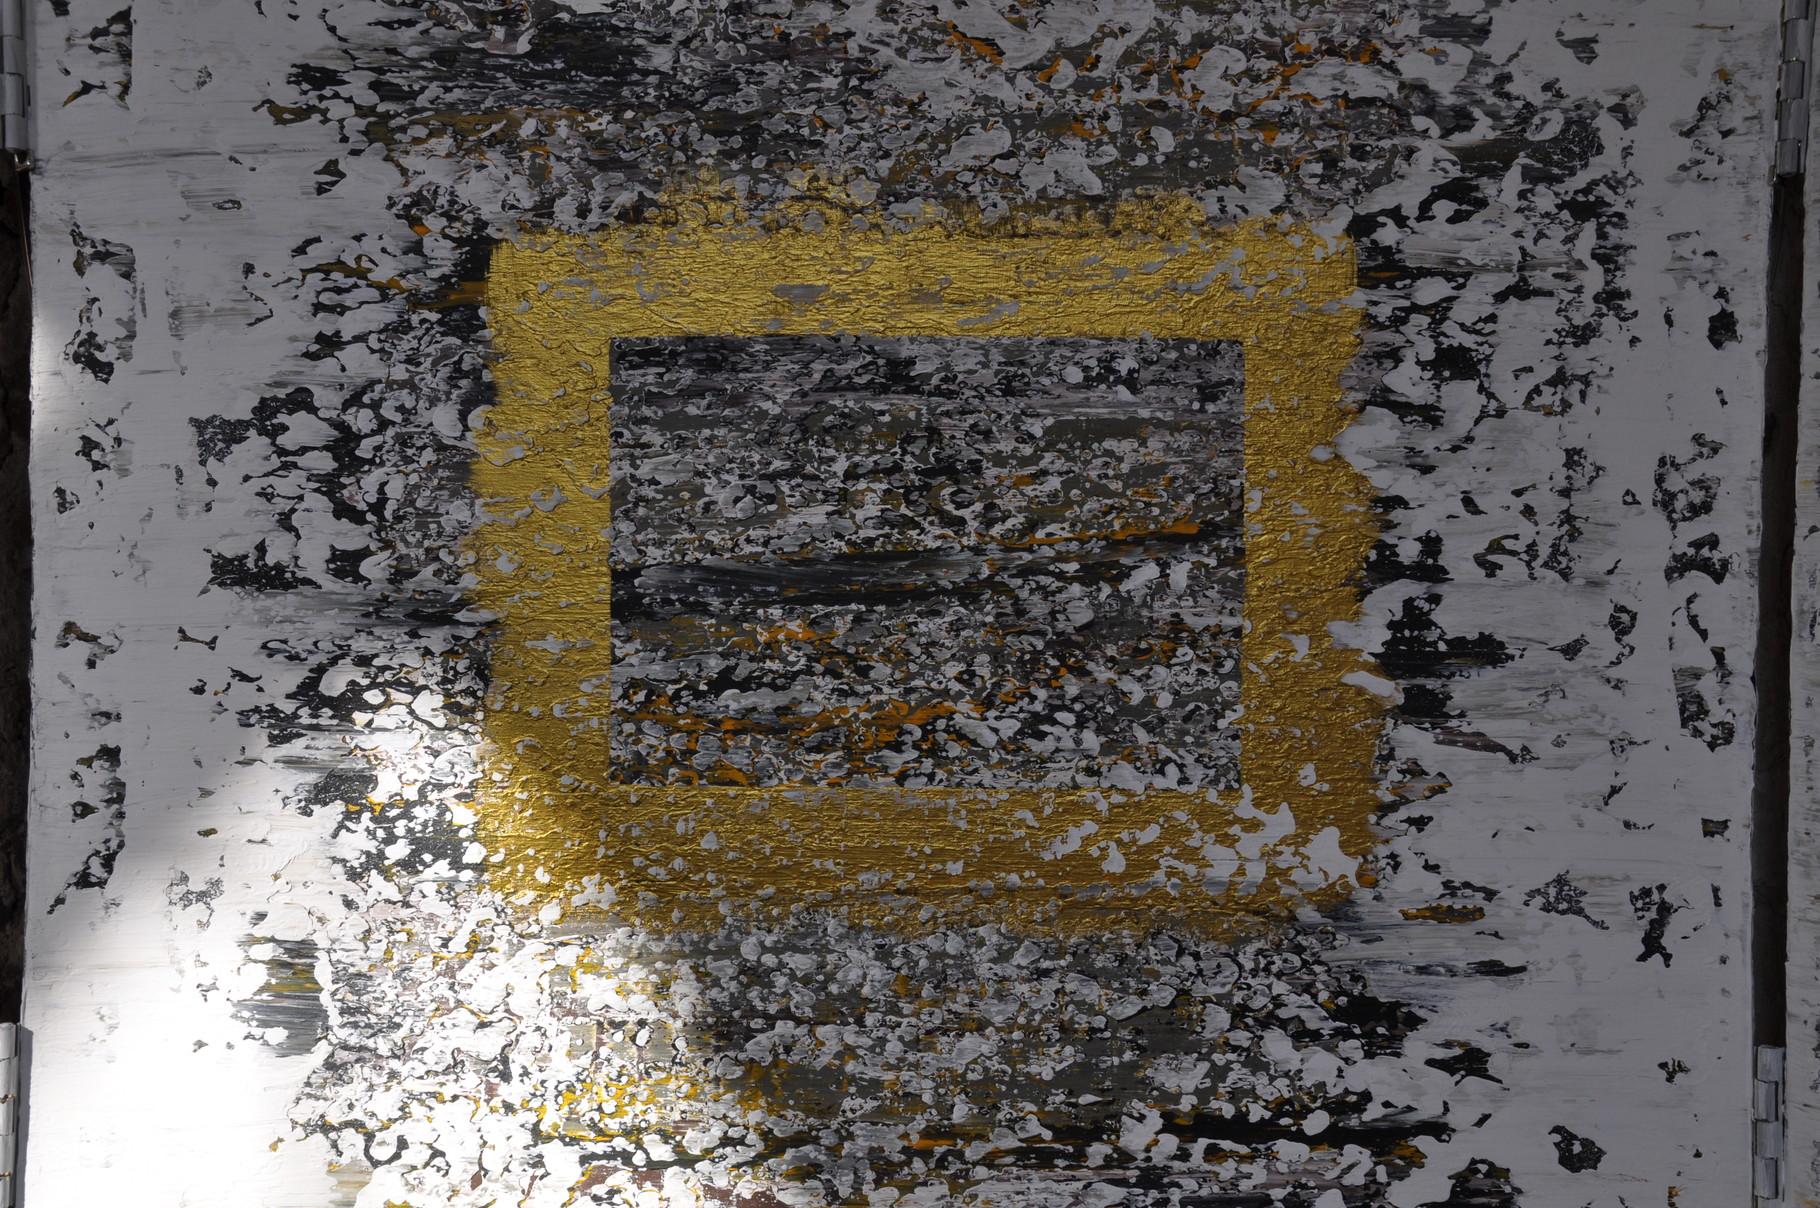 Offenbarung III: Wege ins Zentrum (Triptychon / innen) 2009 / Acryl auf Leinwand / 120 x 80 cm / Detail